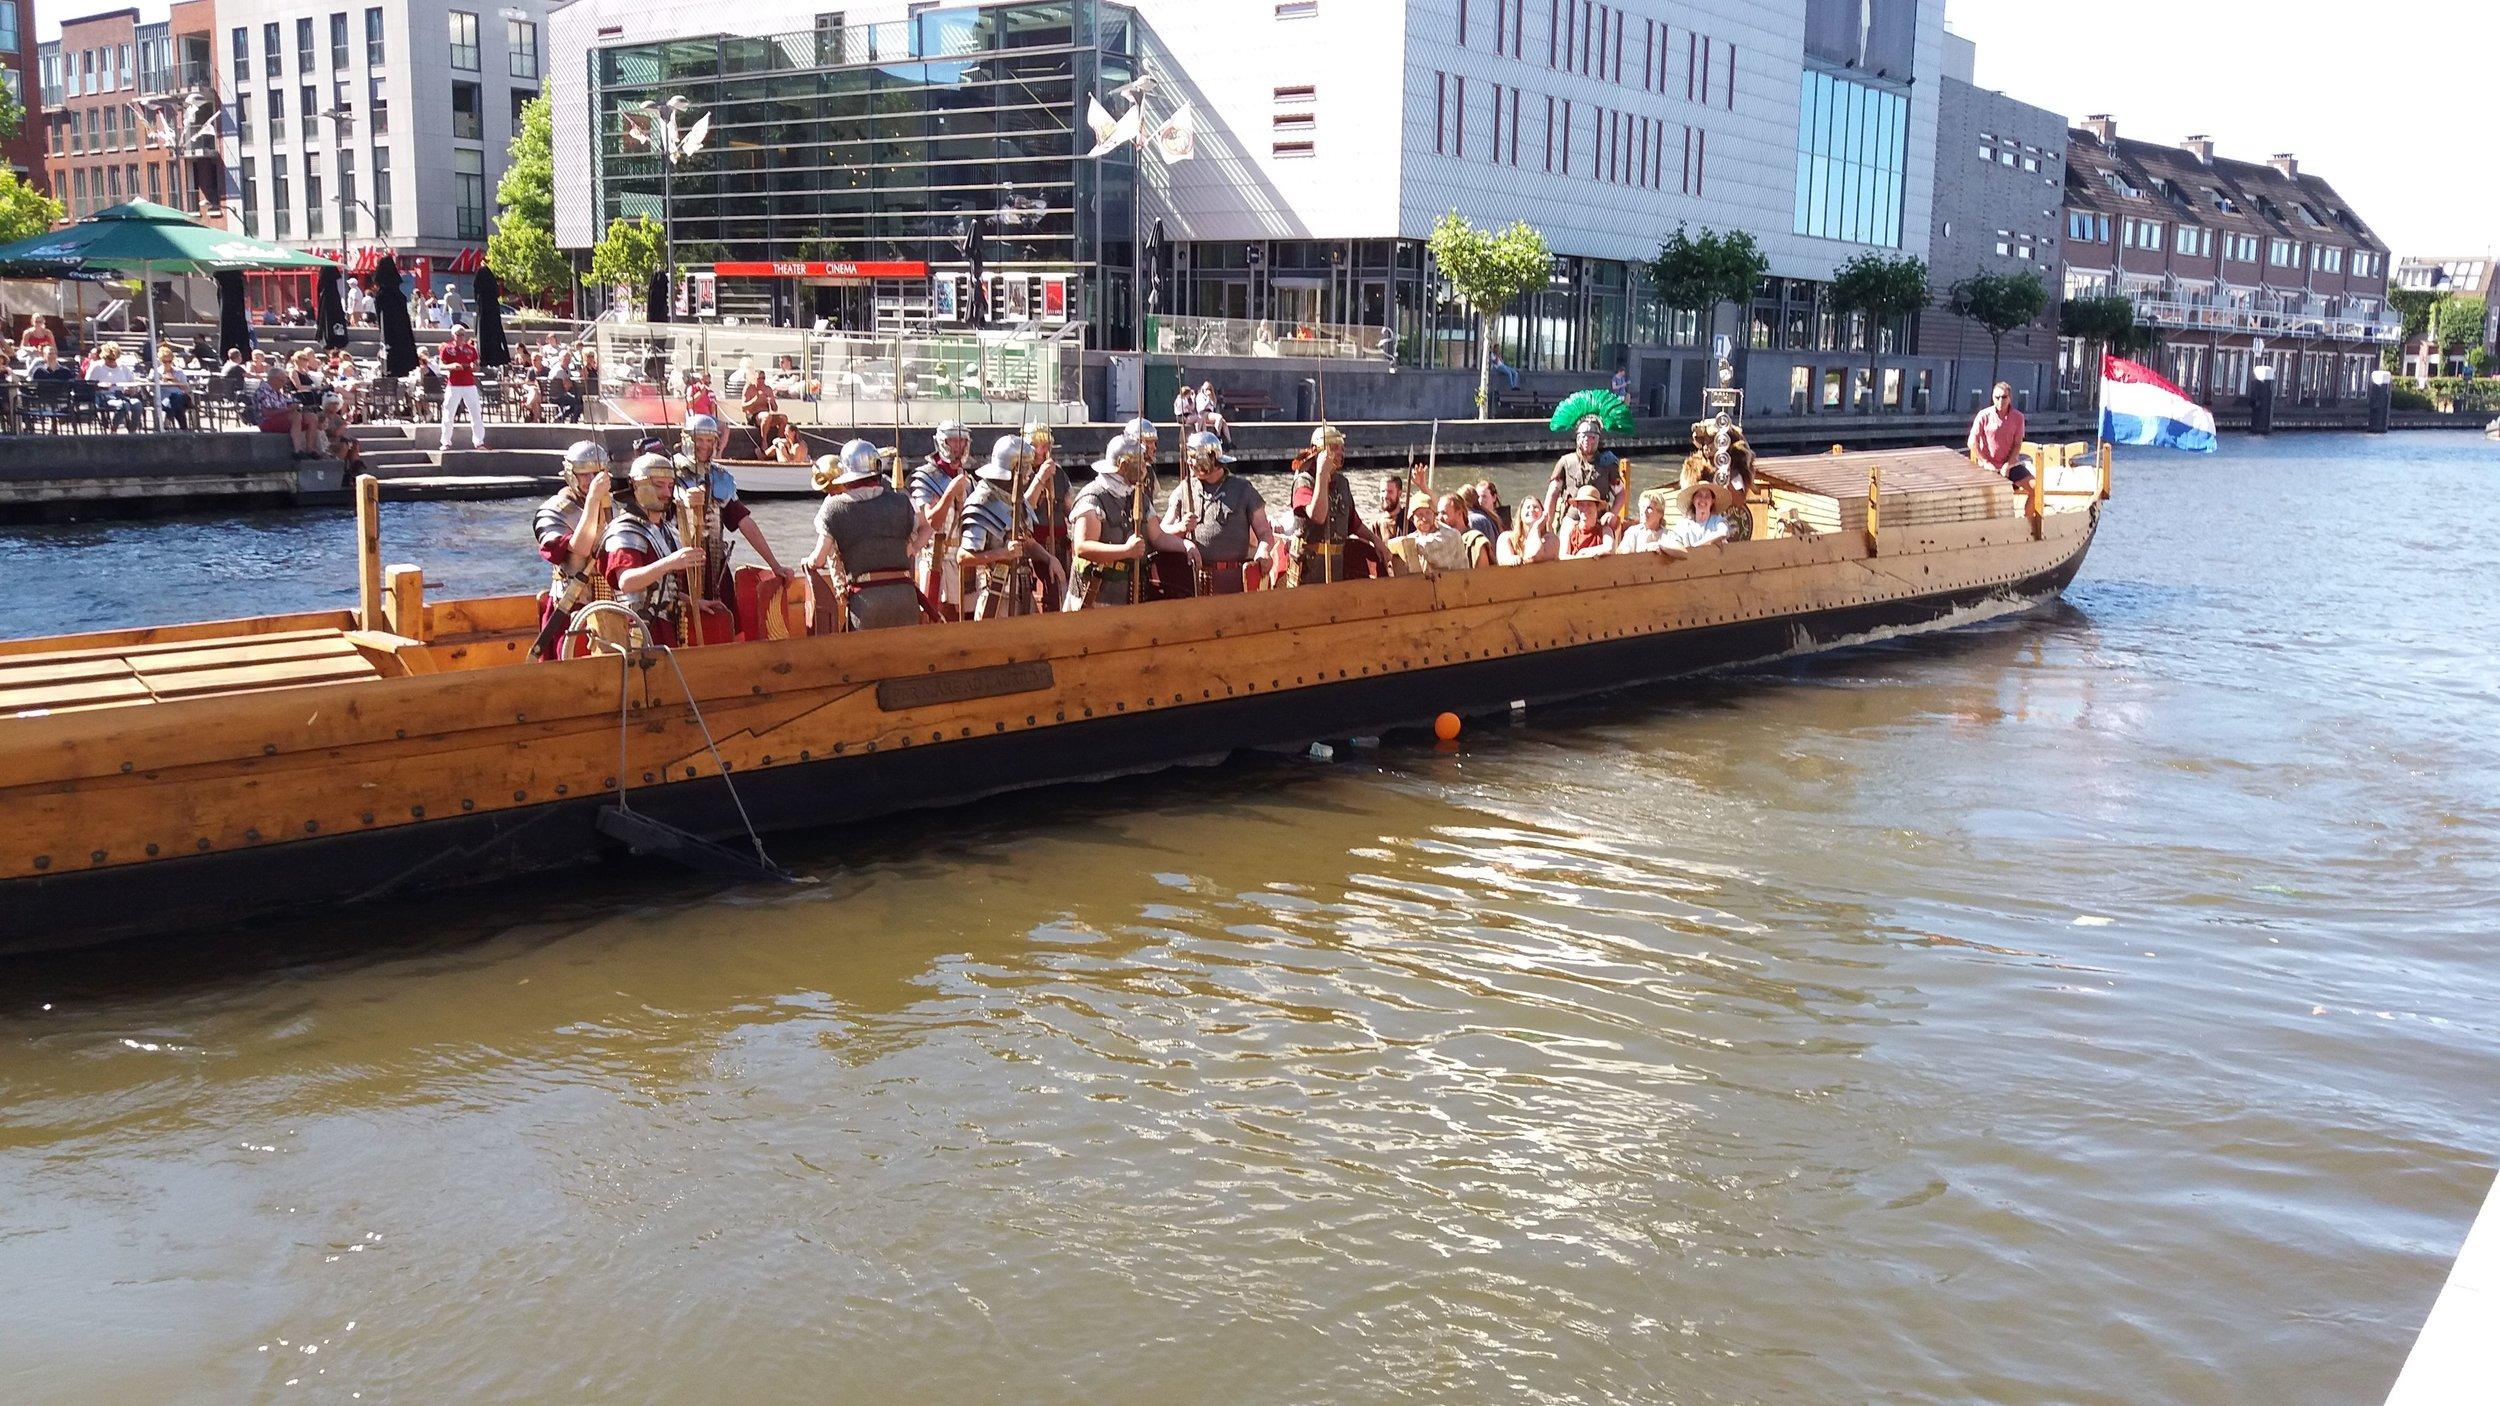 2018 Romeinenfestival Alphen aan den Rijn, foto: Irene Vlot